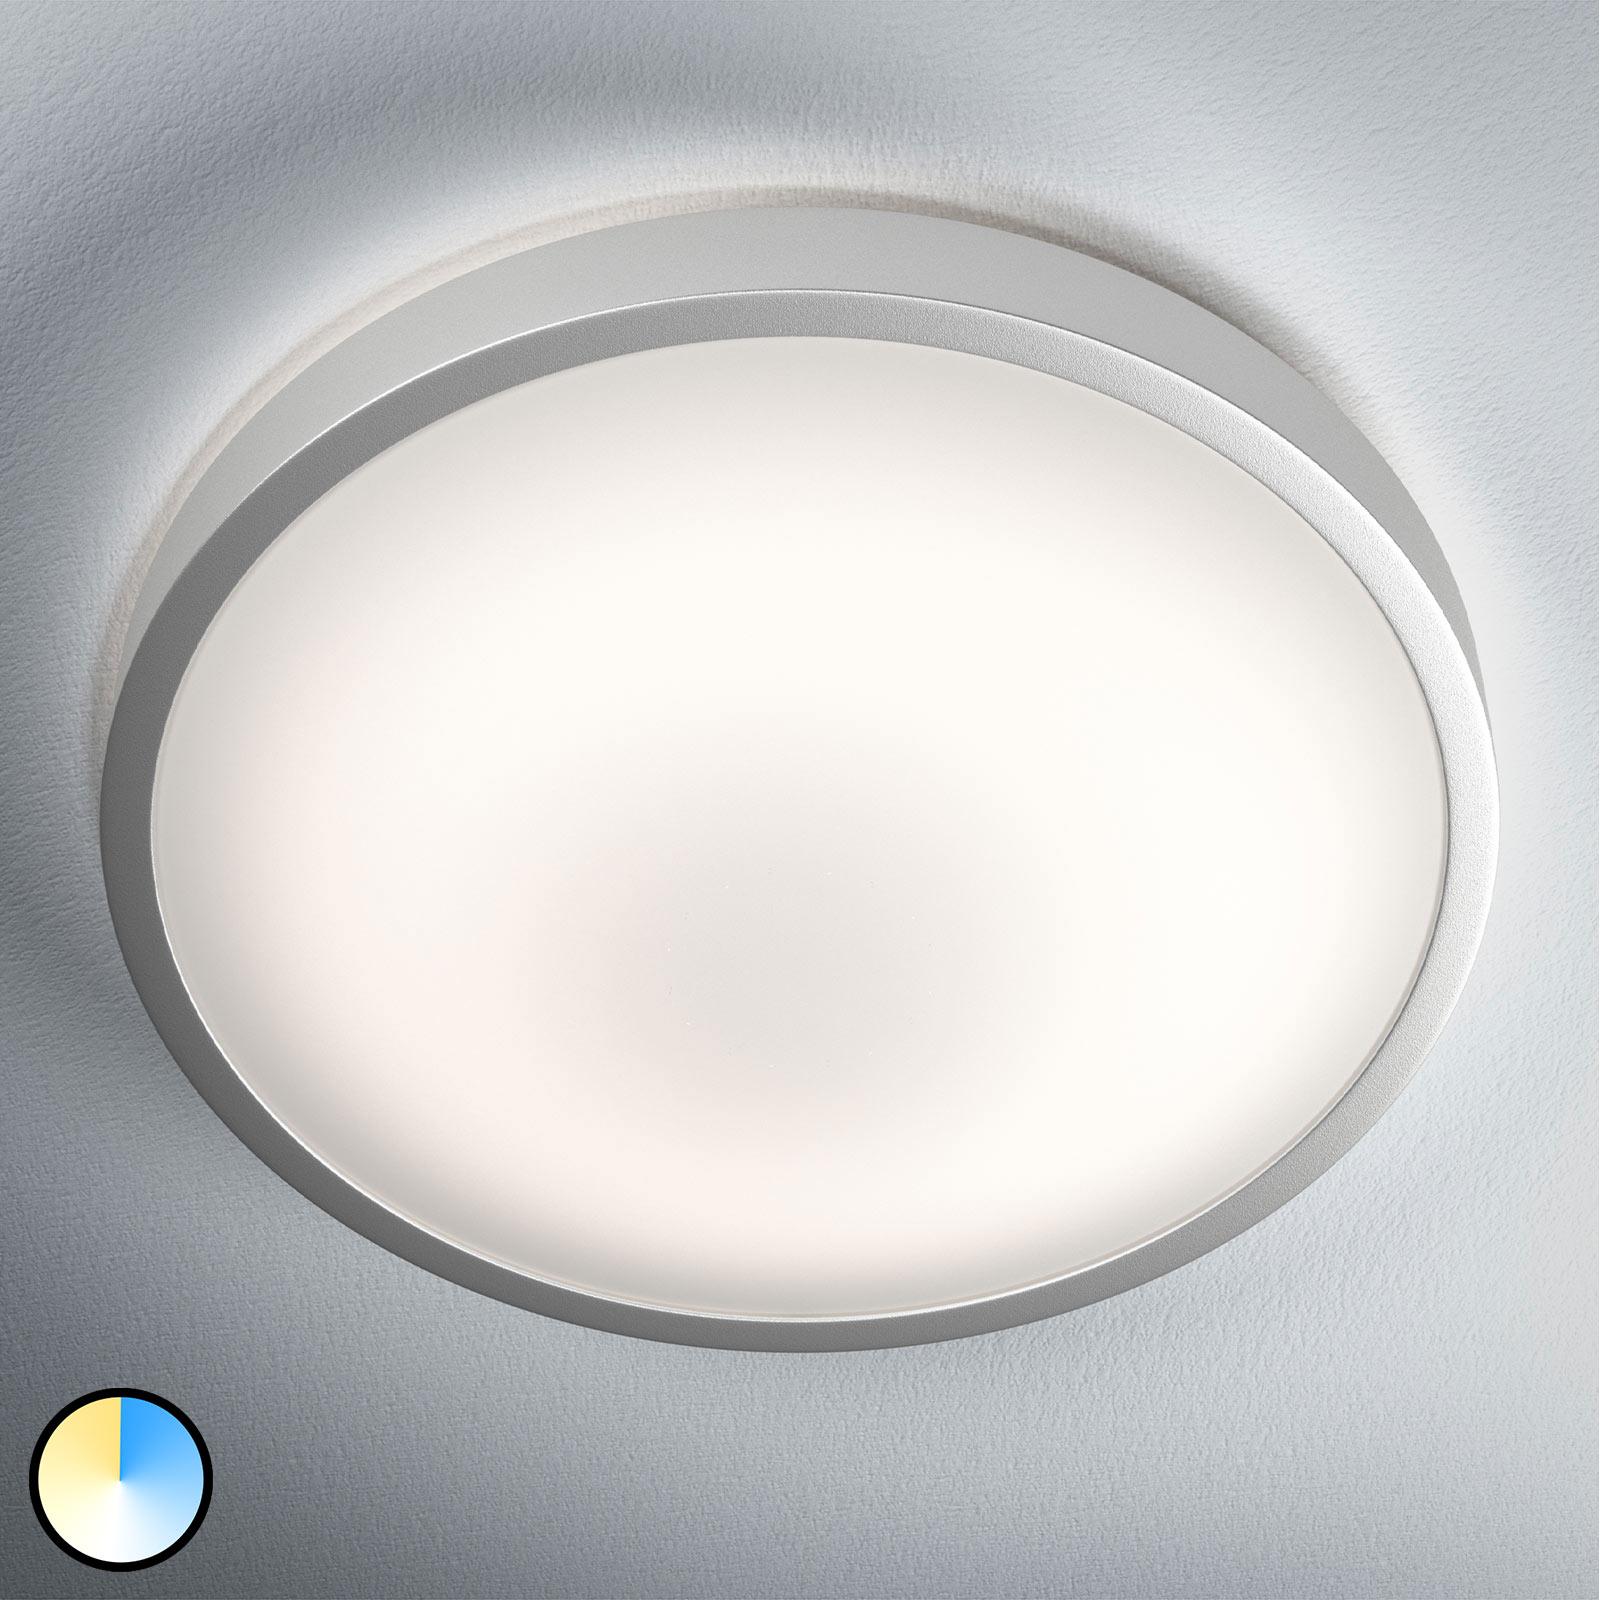 LEDVANCE Orbis LED-Deckenleuchte 30 cm Click-CCT